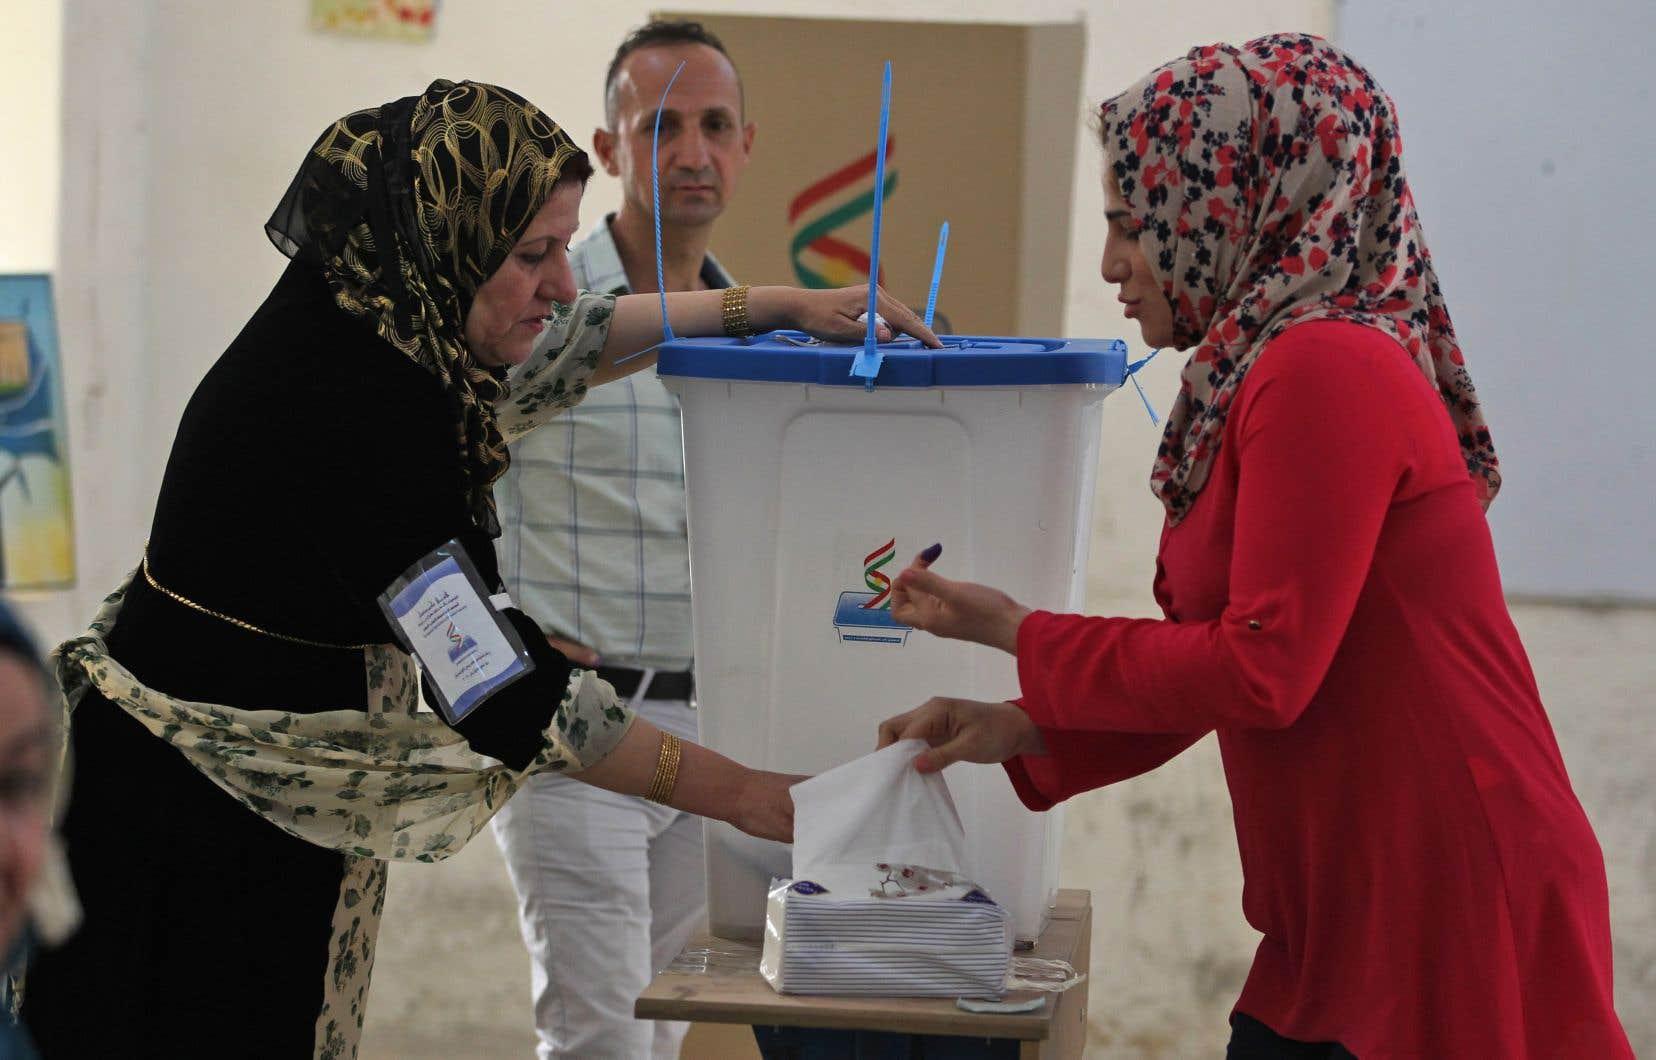 Le référendum pour l'indépendance du Kurdistan irakien a été organisé le 25 septembre dernier.